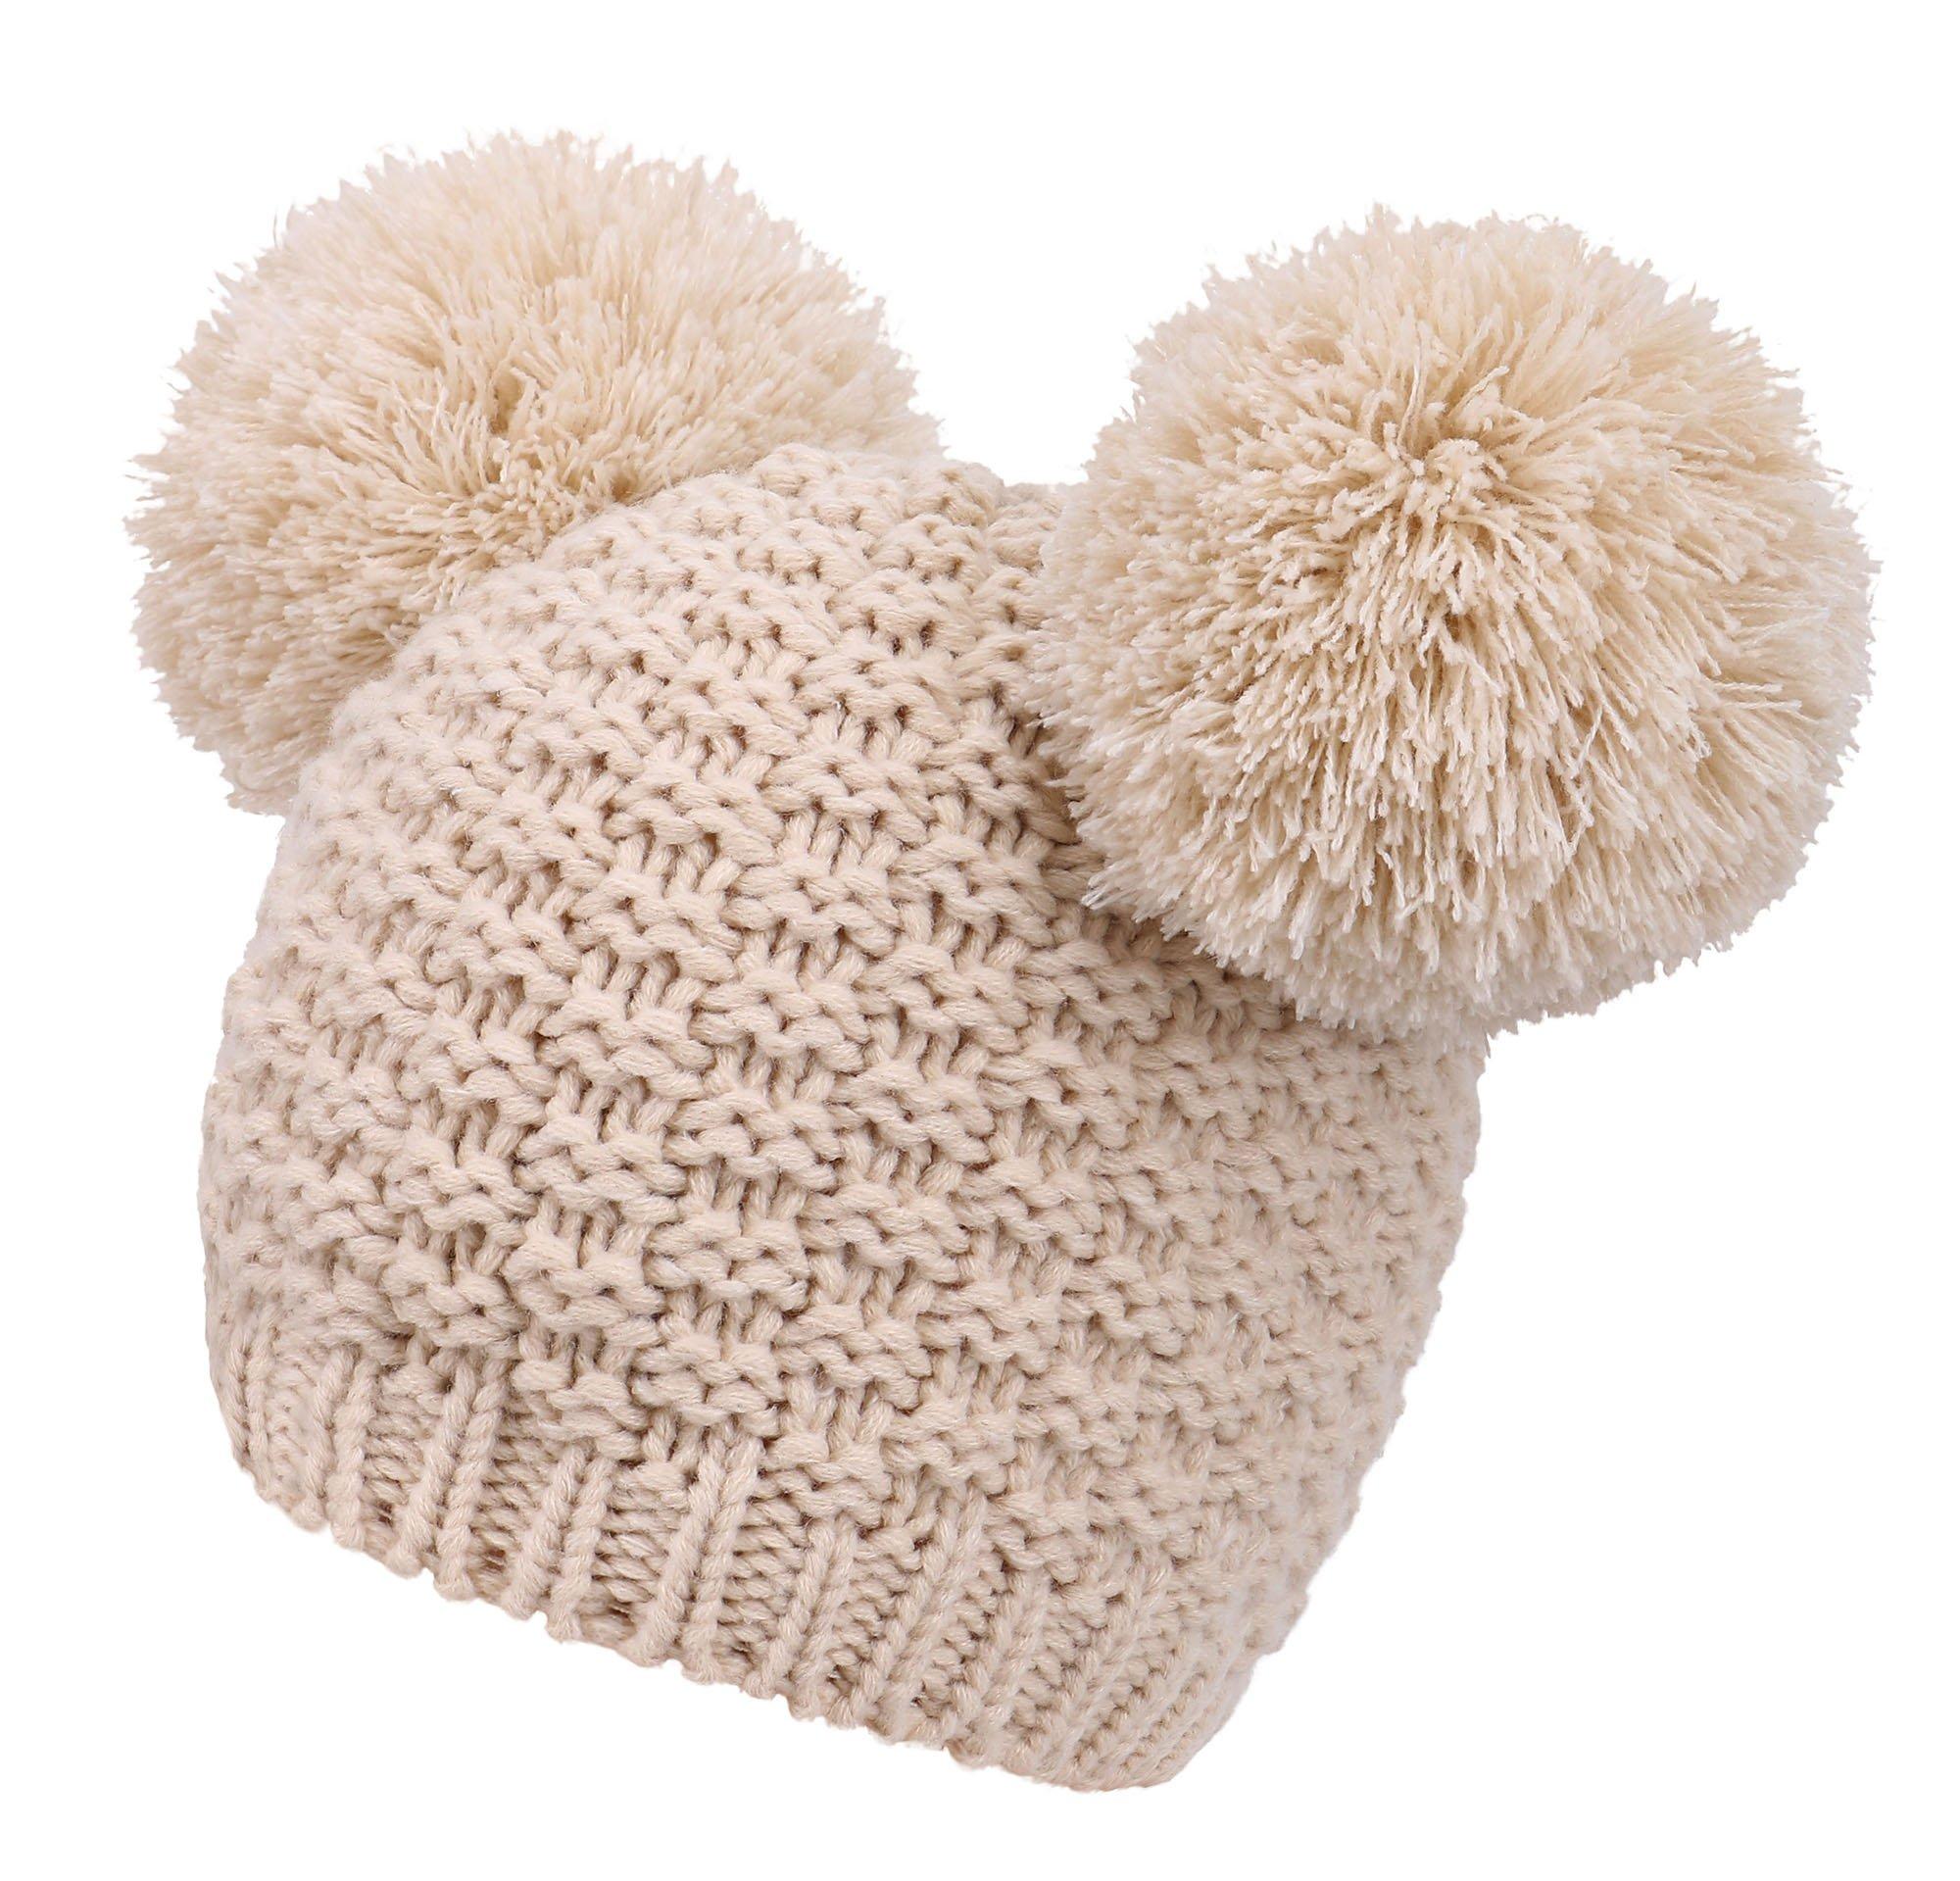 7a3b8e79fc8 Women s Winter Chunky Knit Double Pom Pom Beanie Hat